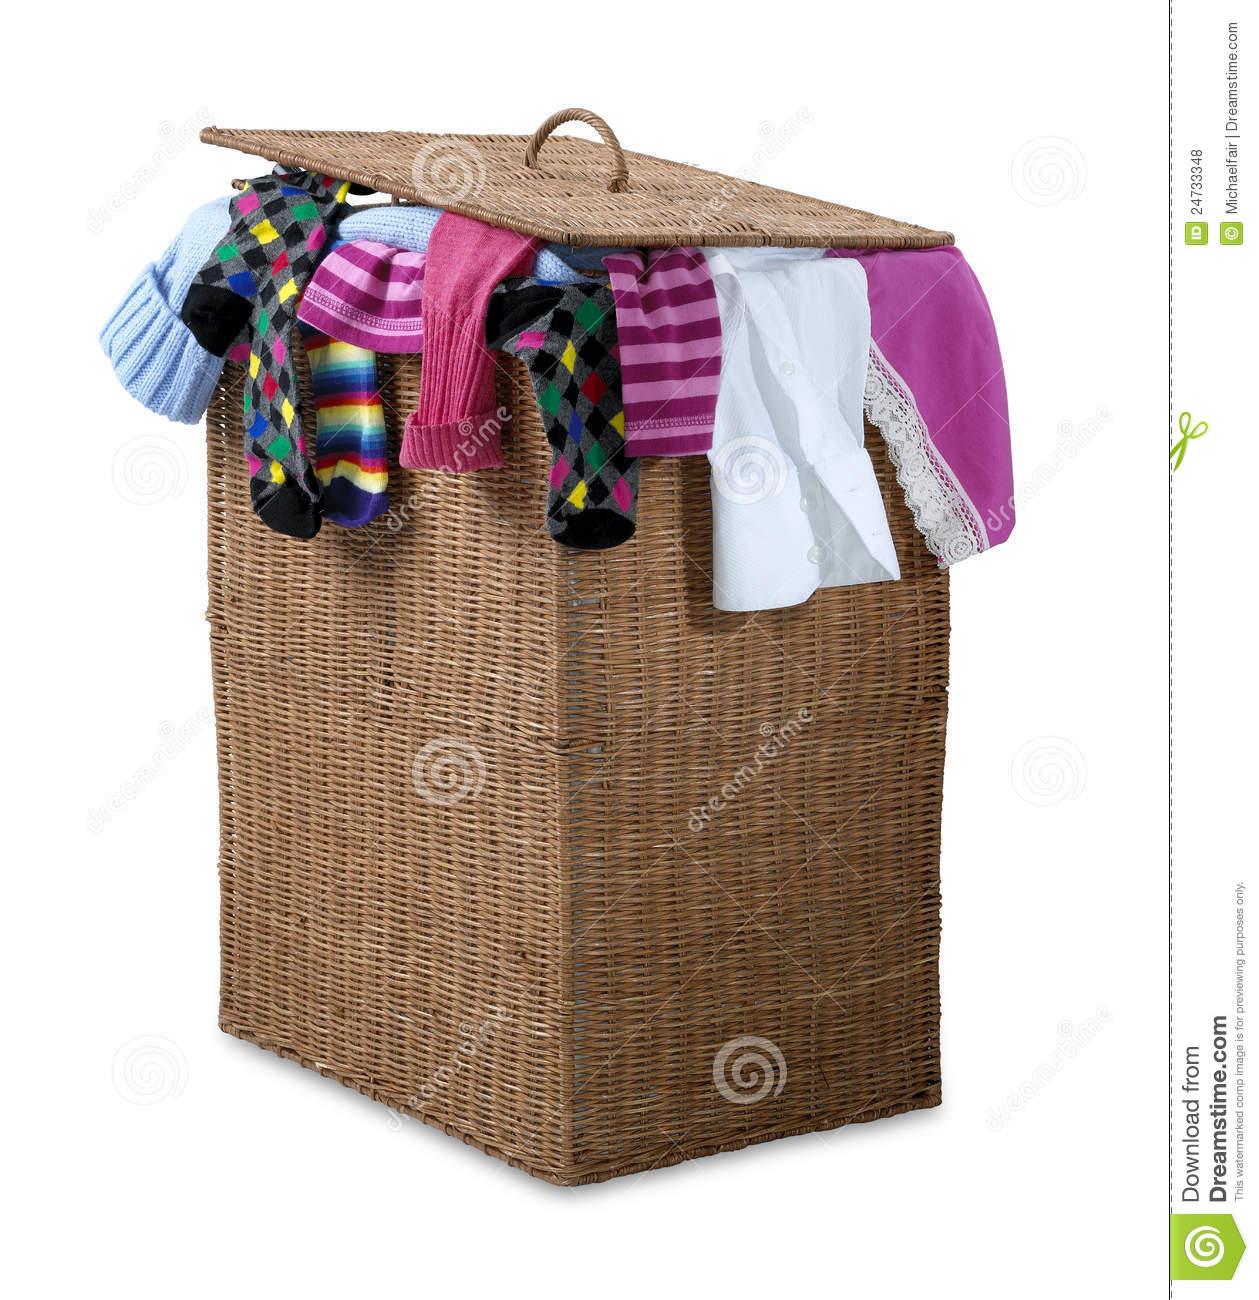 Put Dirty Clothes In Hamper Clipart Clipart Suggest Mini Hamper.